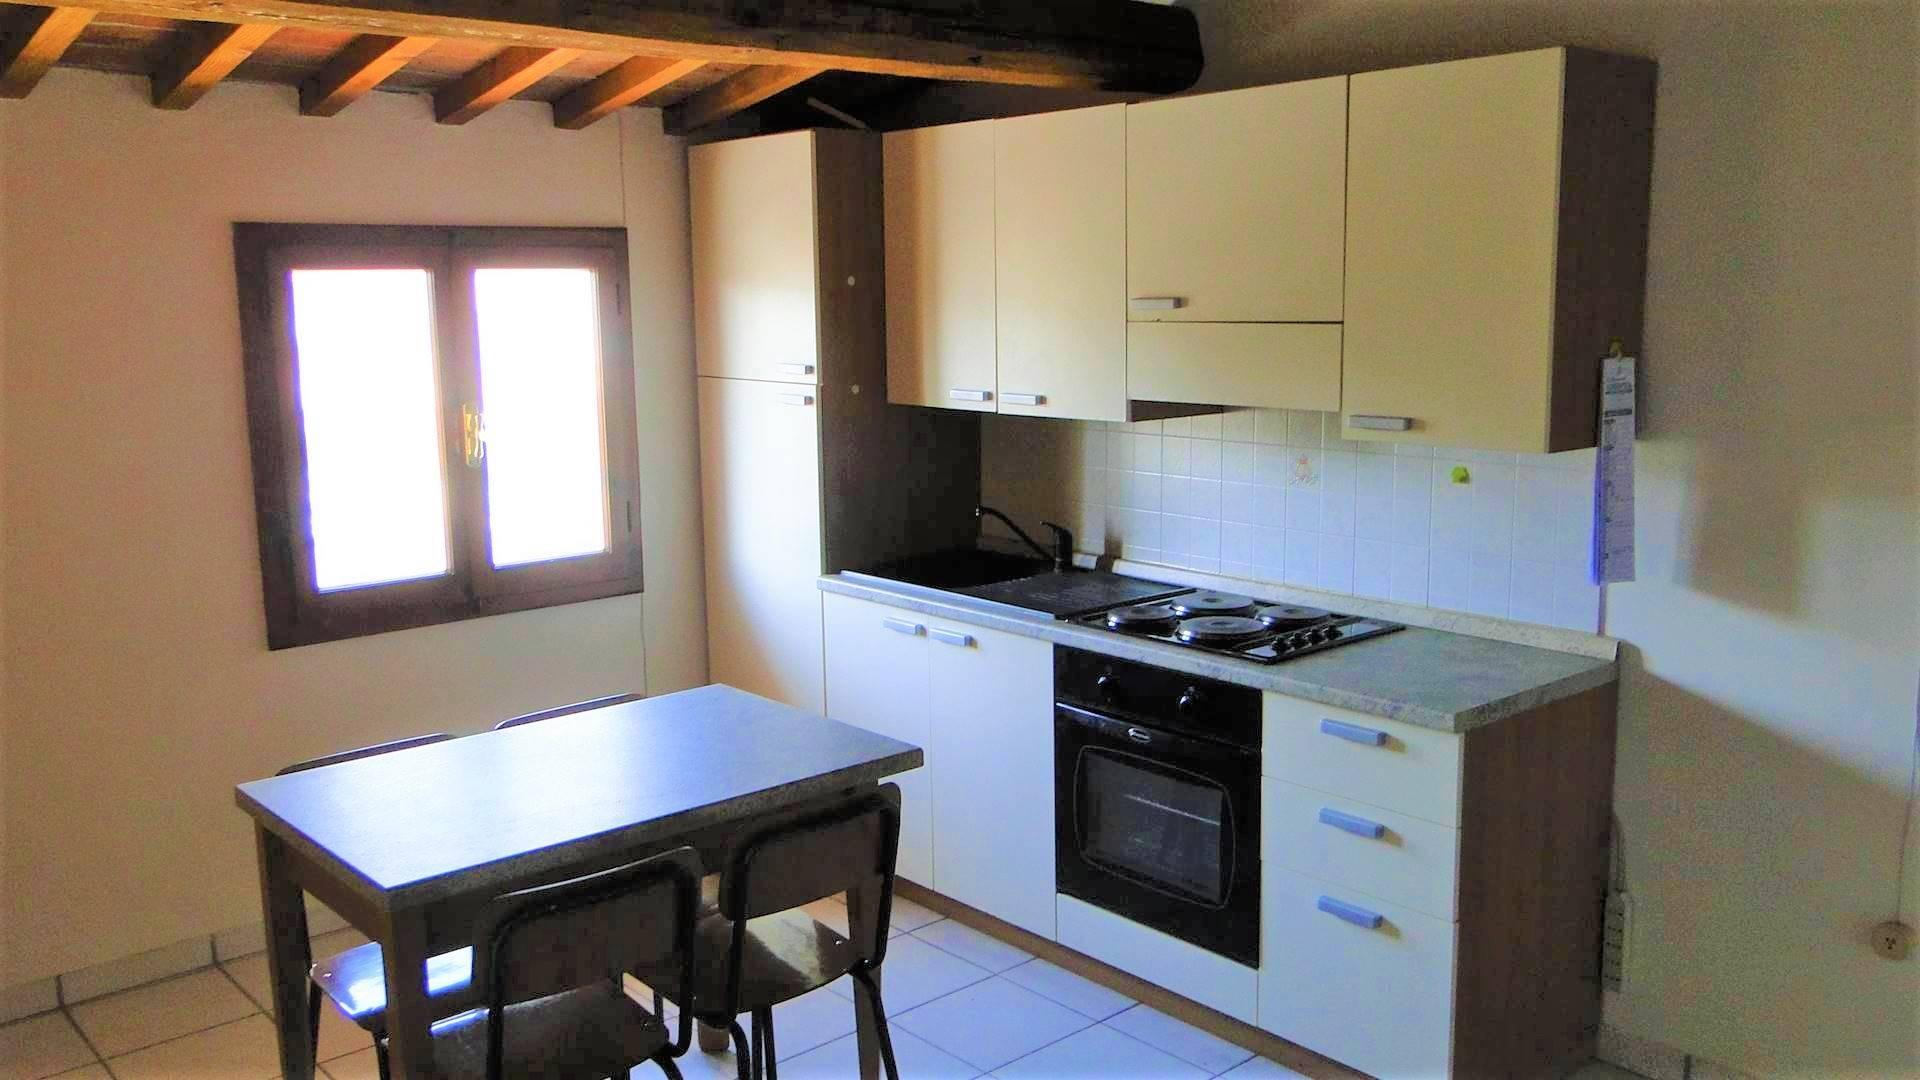 Appartamento in affitto a Empoli, 1 locali, zona Località: S.aMaria, prezzo € 380 | PortaleAgenzieImmobiliari.it